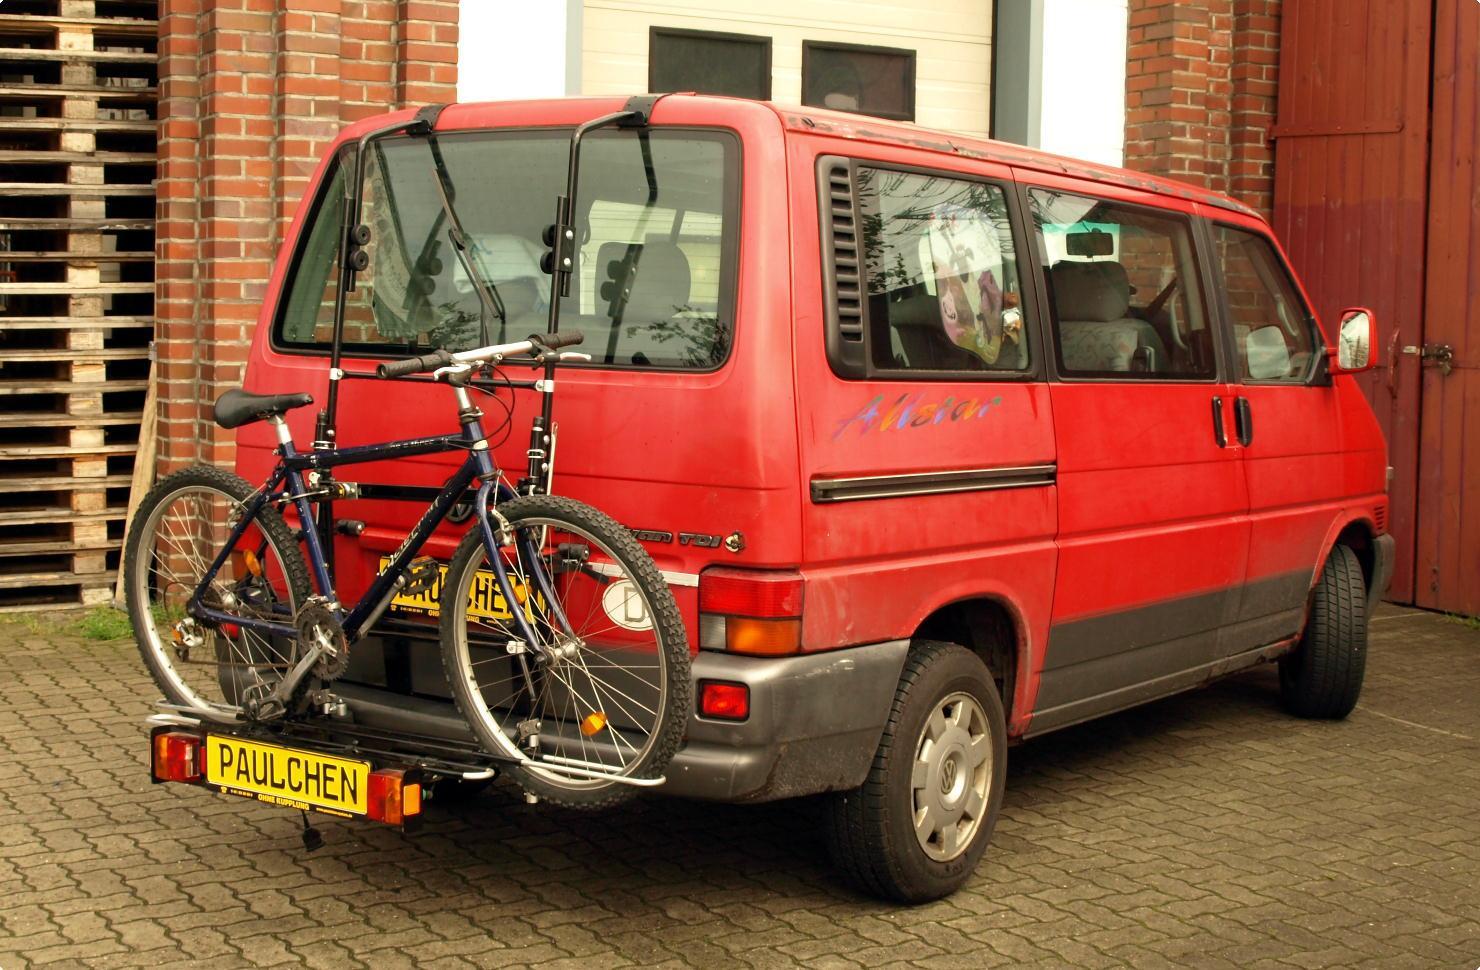 fahrradtr ger f r vw bus t4 paulchen hecktr ger system. Black Bedroom Furniture Sets. Home Design Ideas